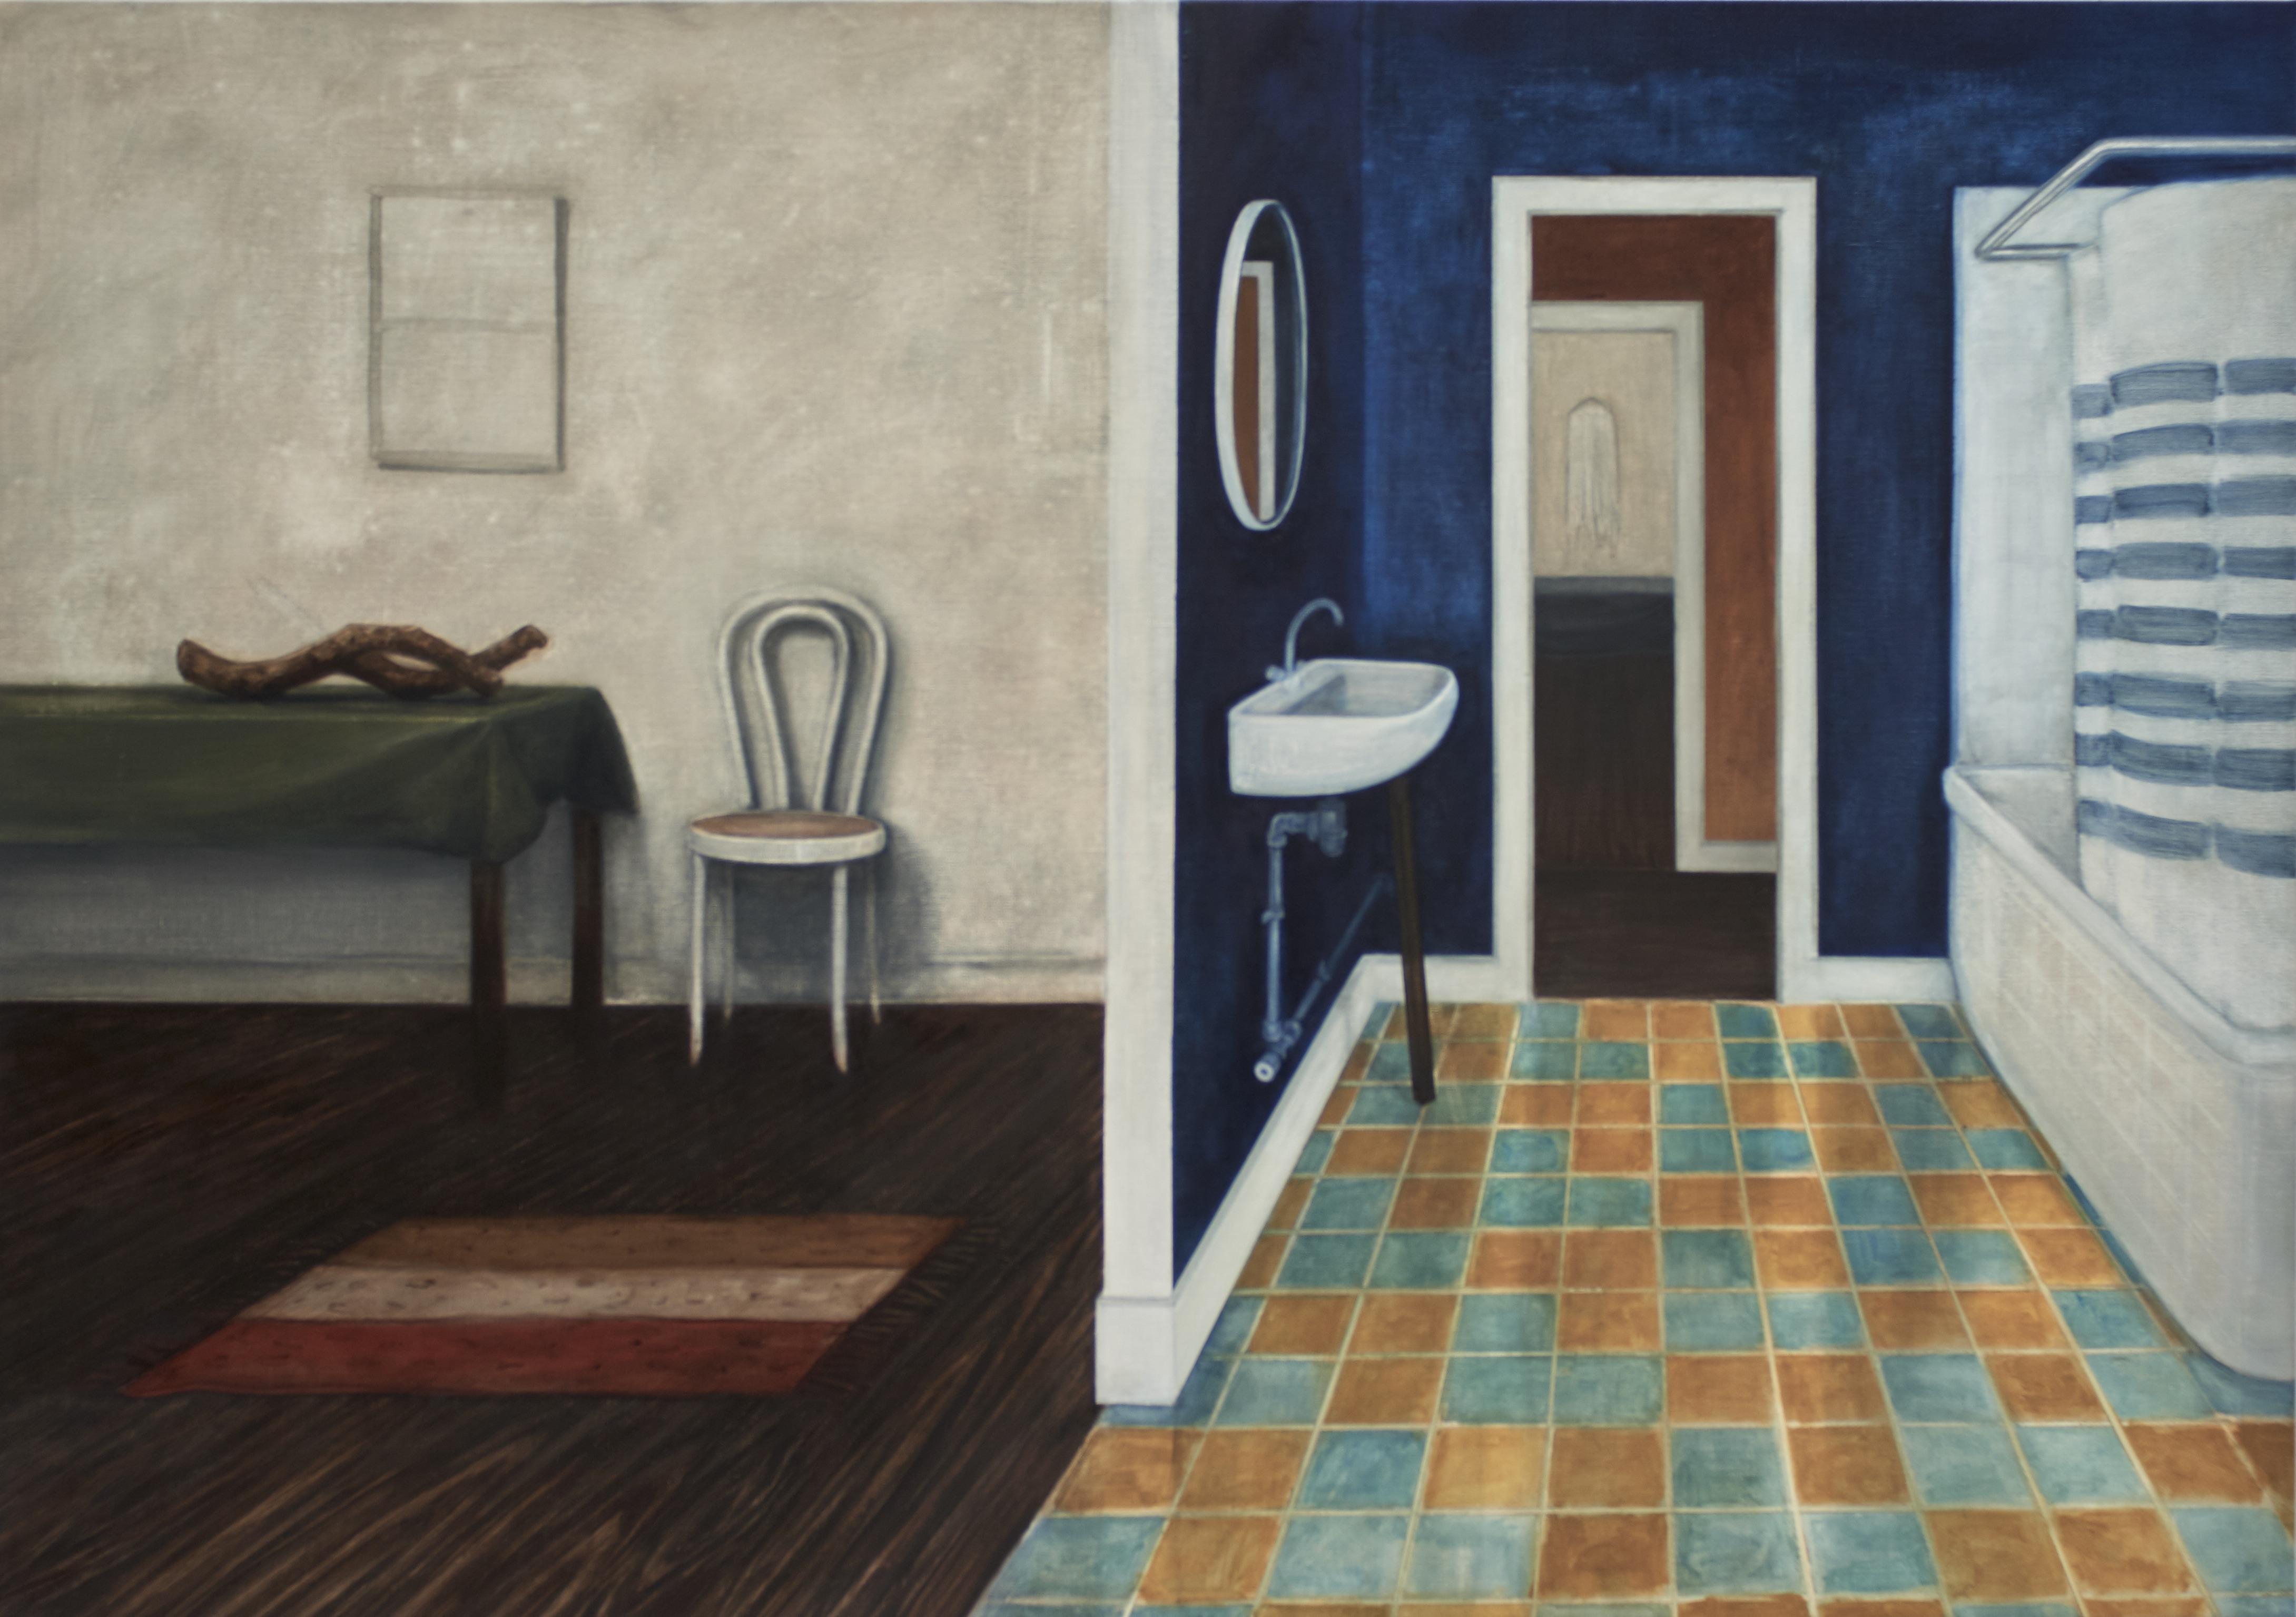 salle de bain, 2016, 130 x 185 cm, huile sur toile